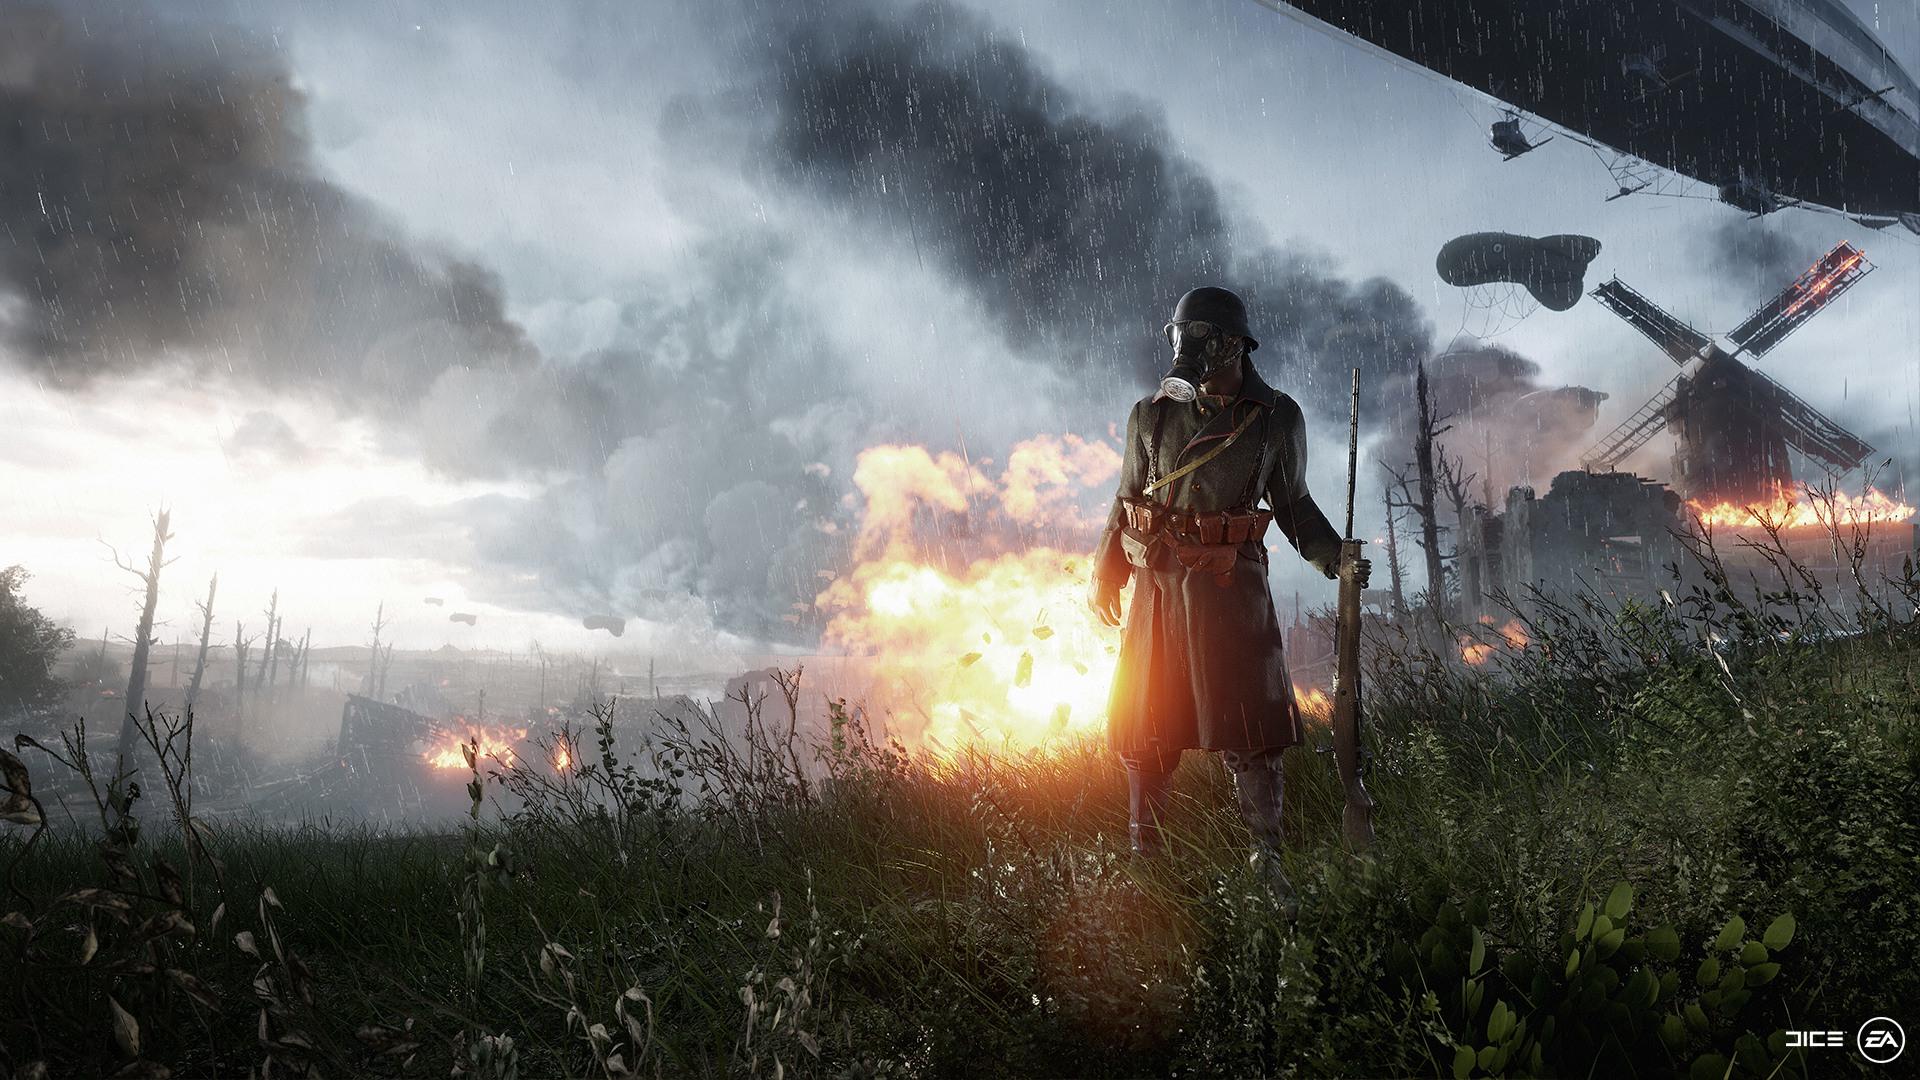 battlefield_1-war-soldier-explosion-f11